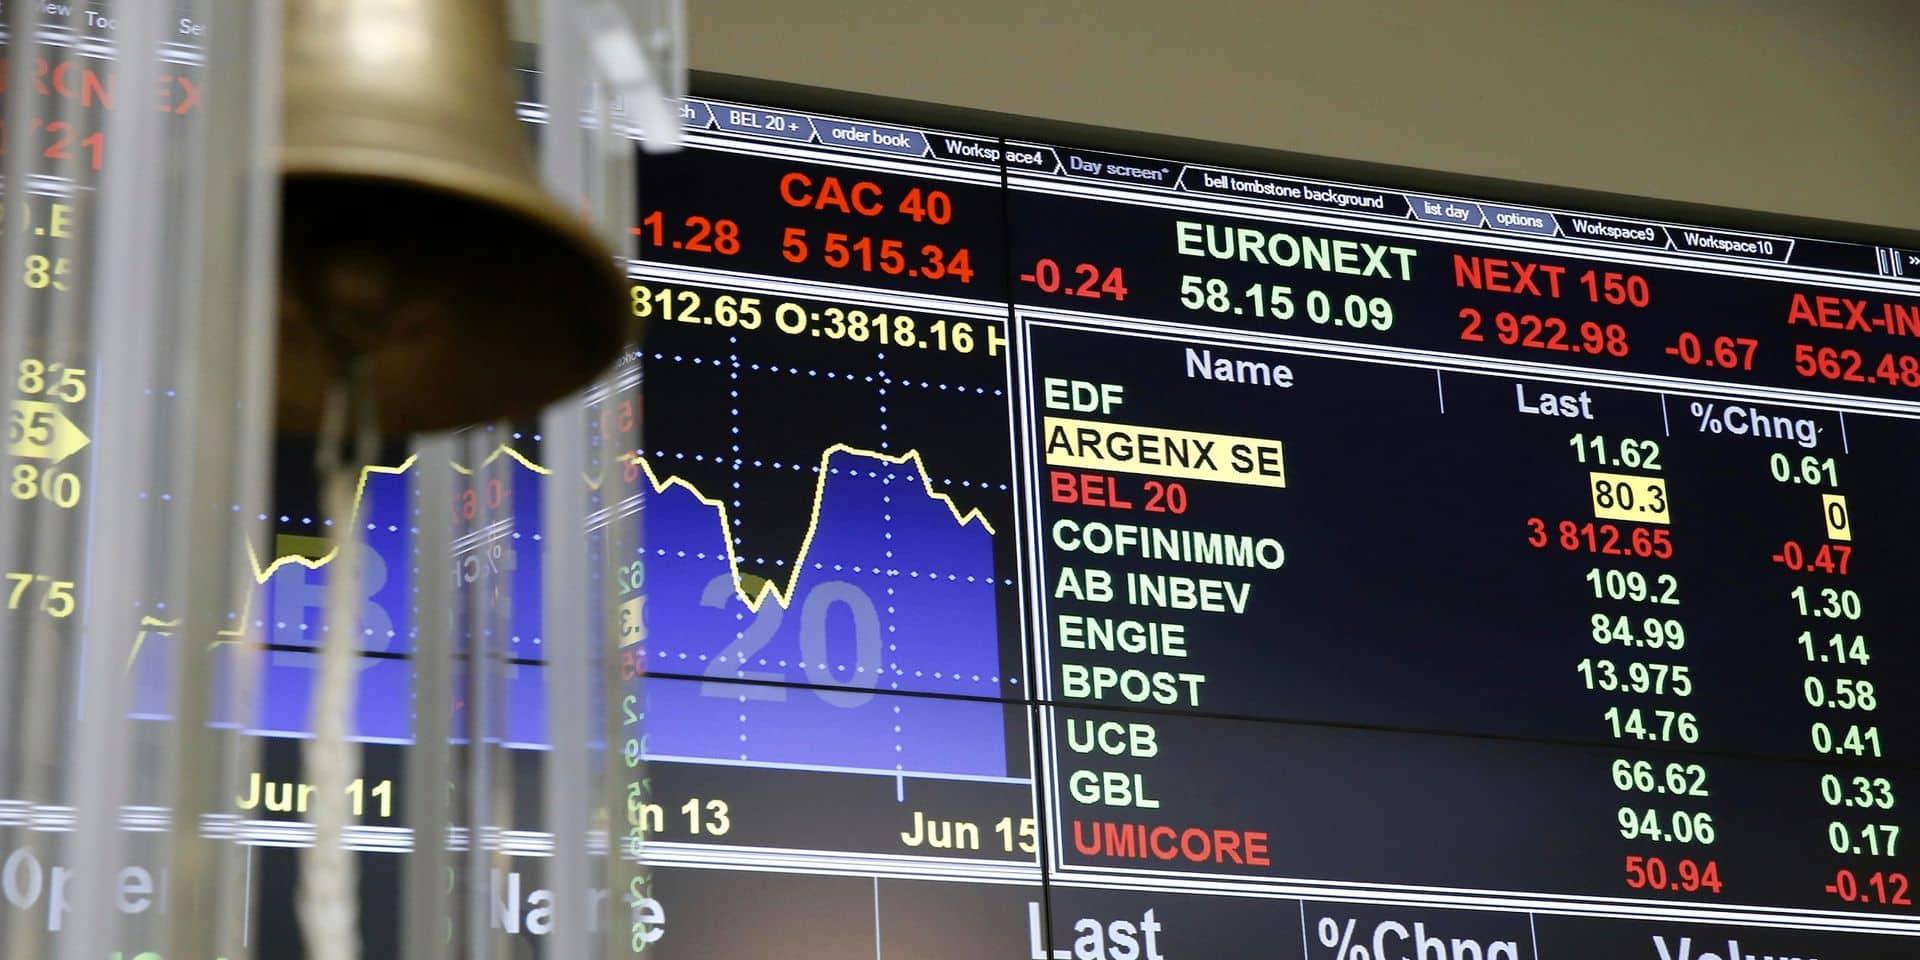 Bourses : Débâcle sur les marchés boursiers, le Bel 20 chute à plus de 7% !